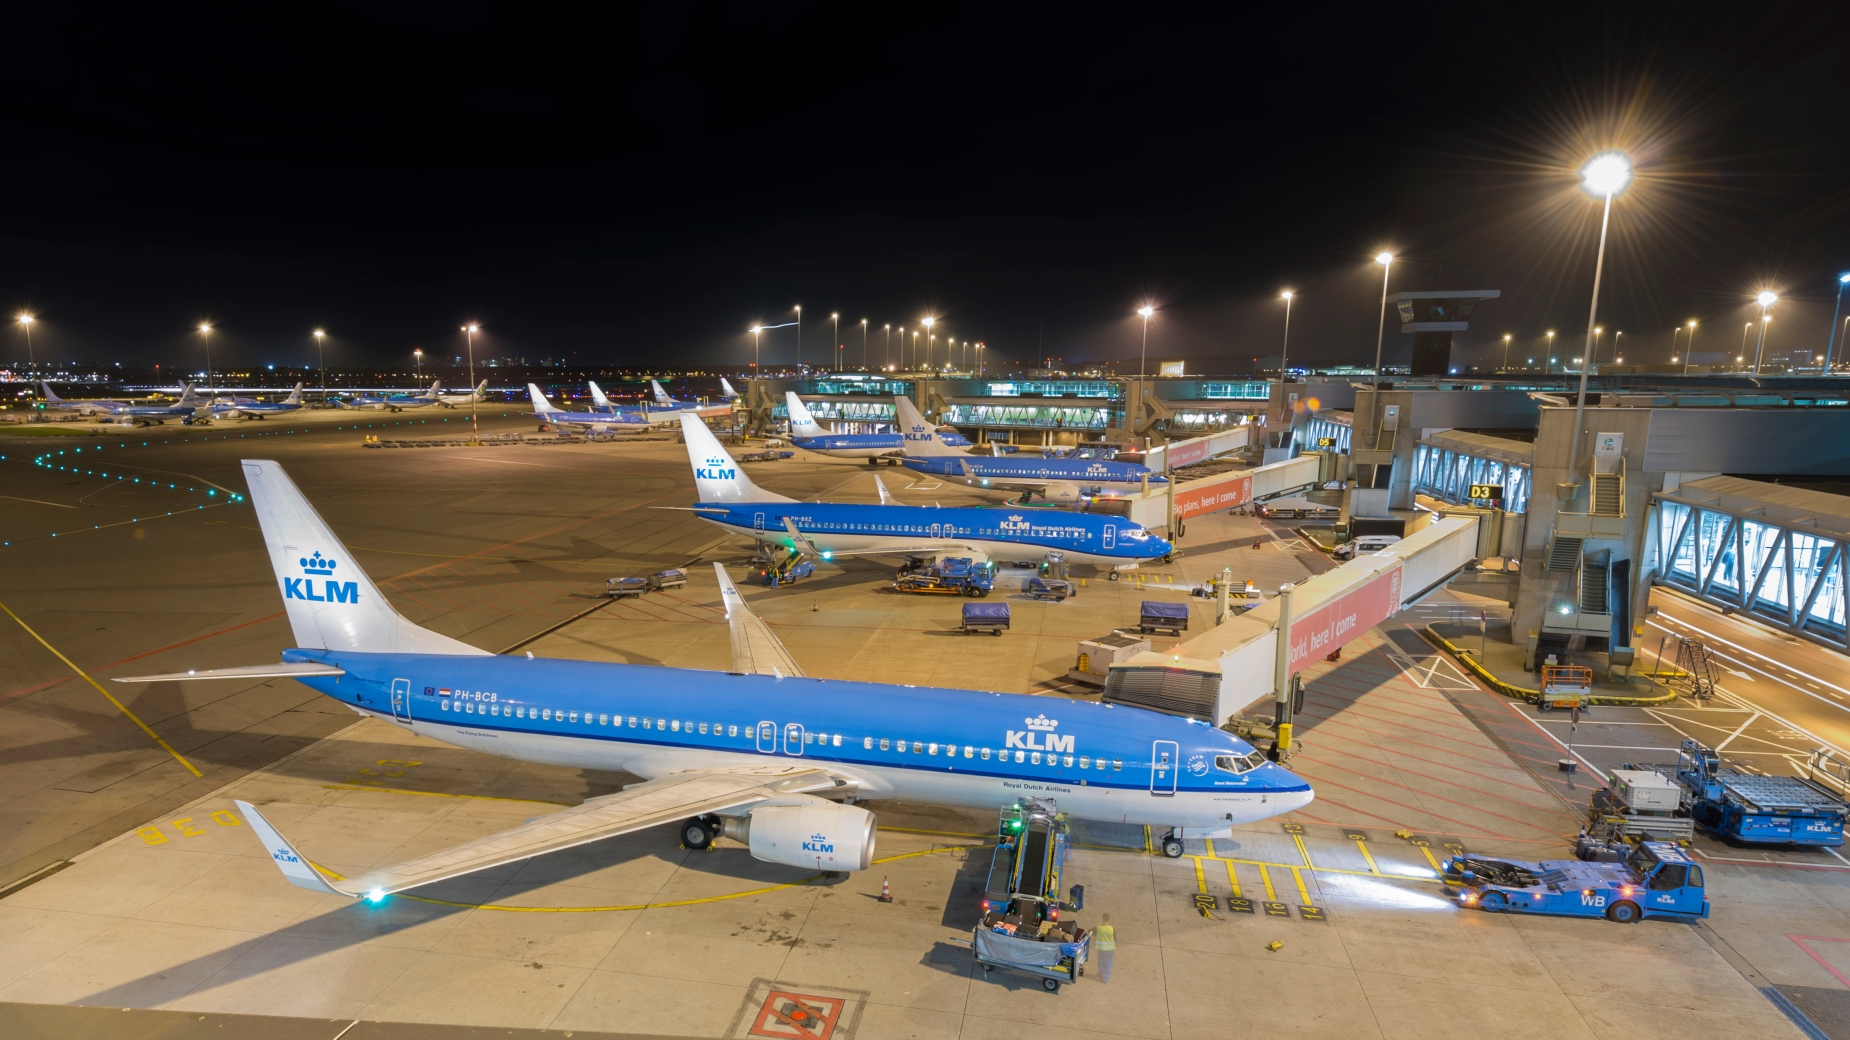 Samoloty KLM